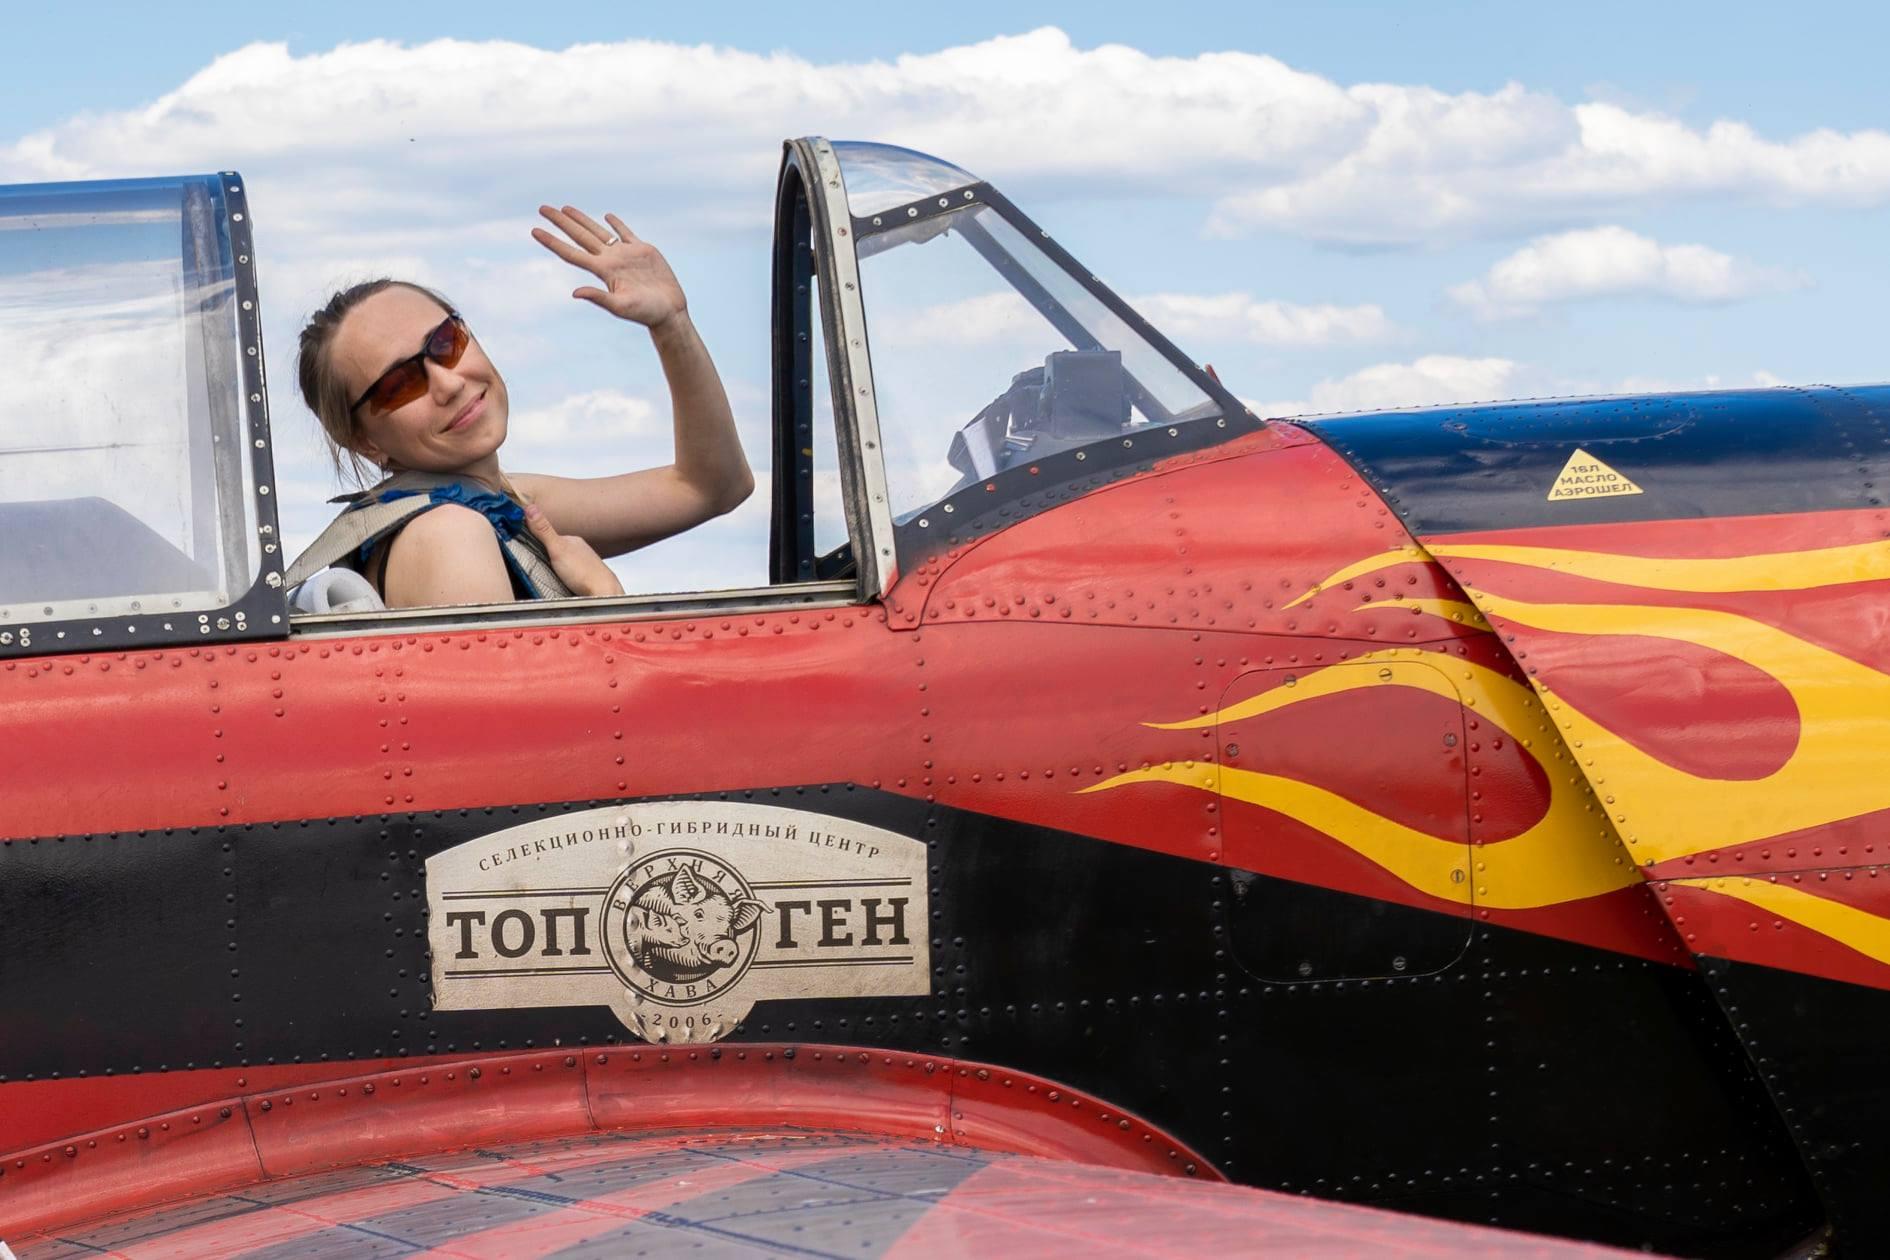 Aerobatic competition judging - Судейство пилотажных соревнований